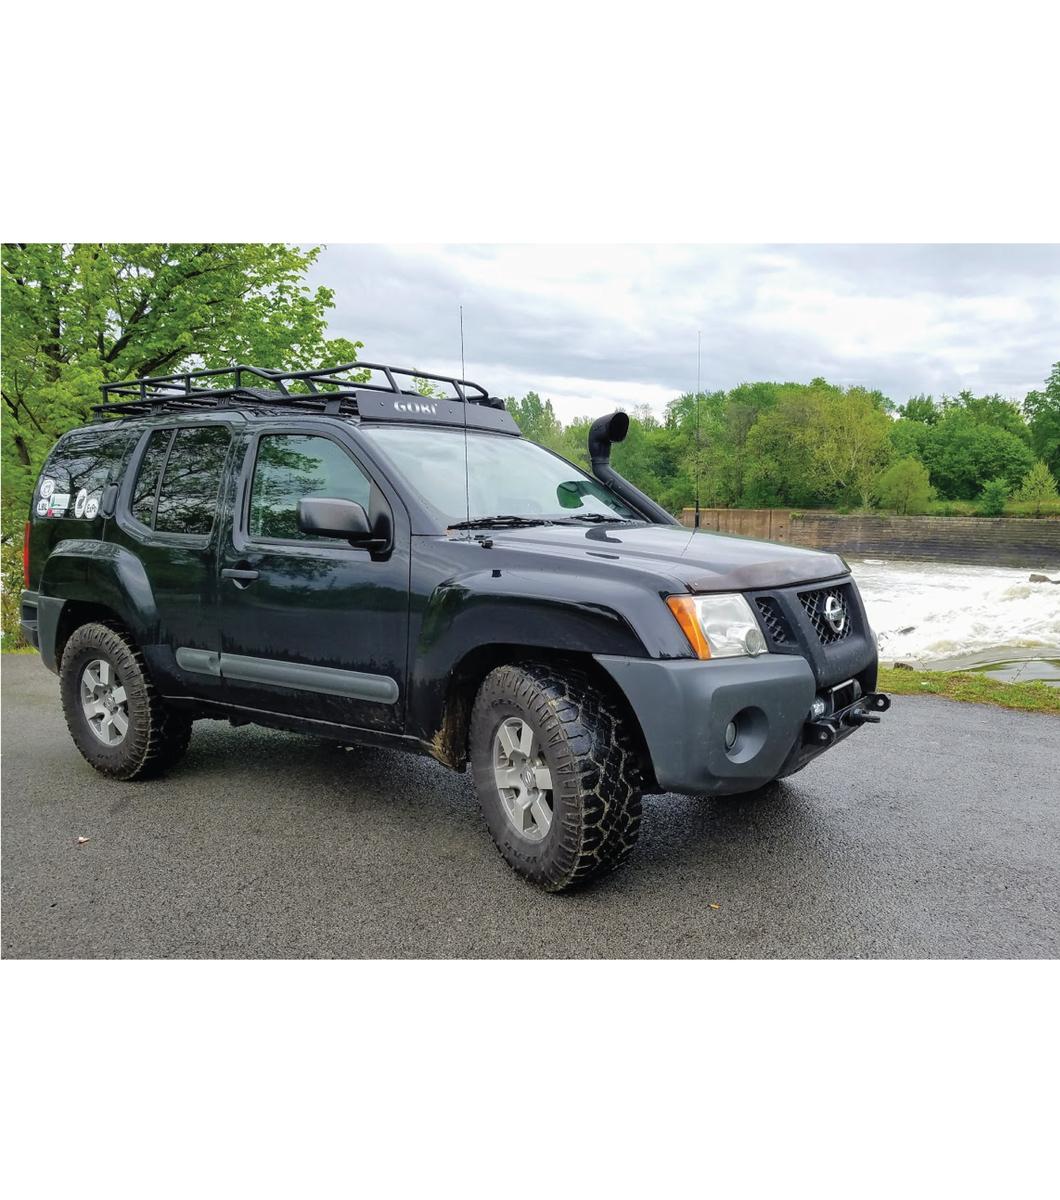 Nissan Xterra Roof Rack >> Gobi Nissan Xterra 00 04 Ranger Rack Multi Light Setup With Sunroof